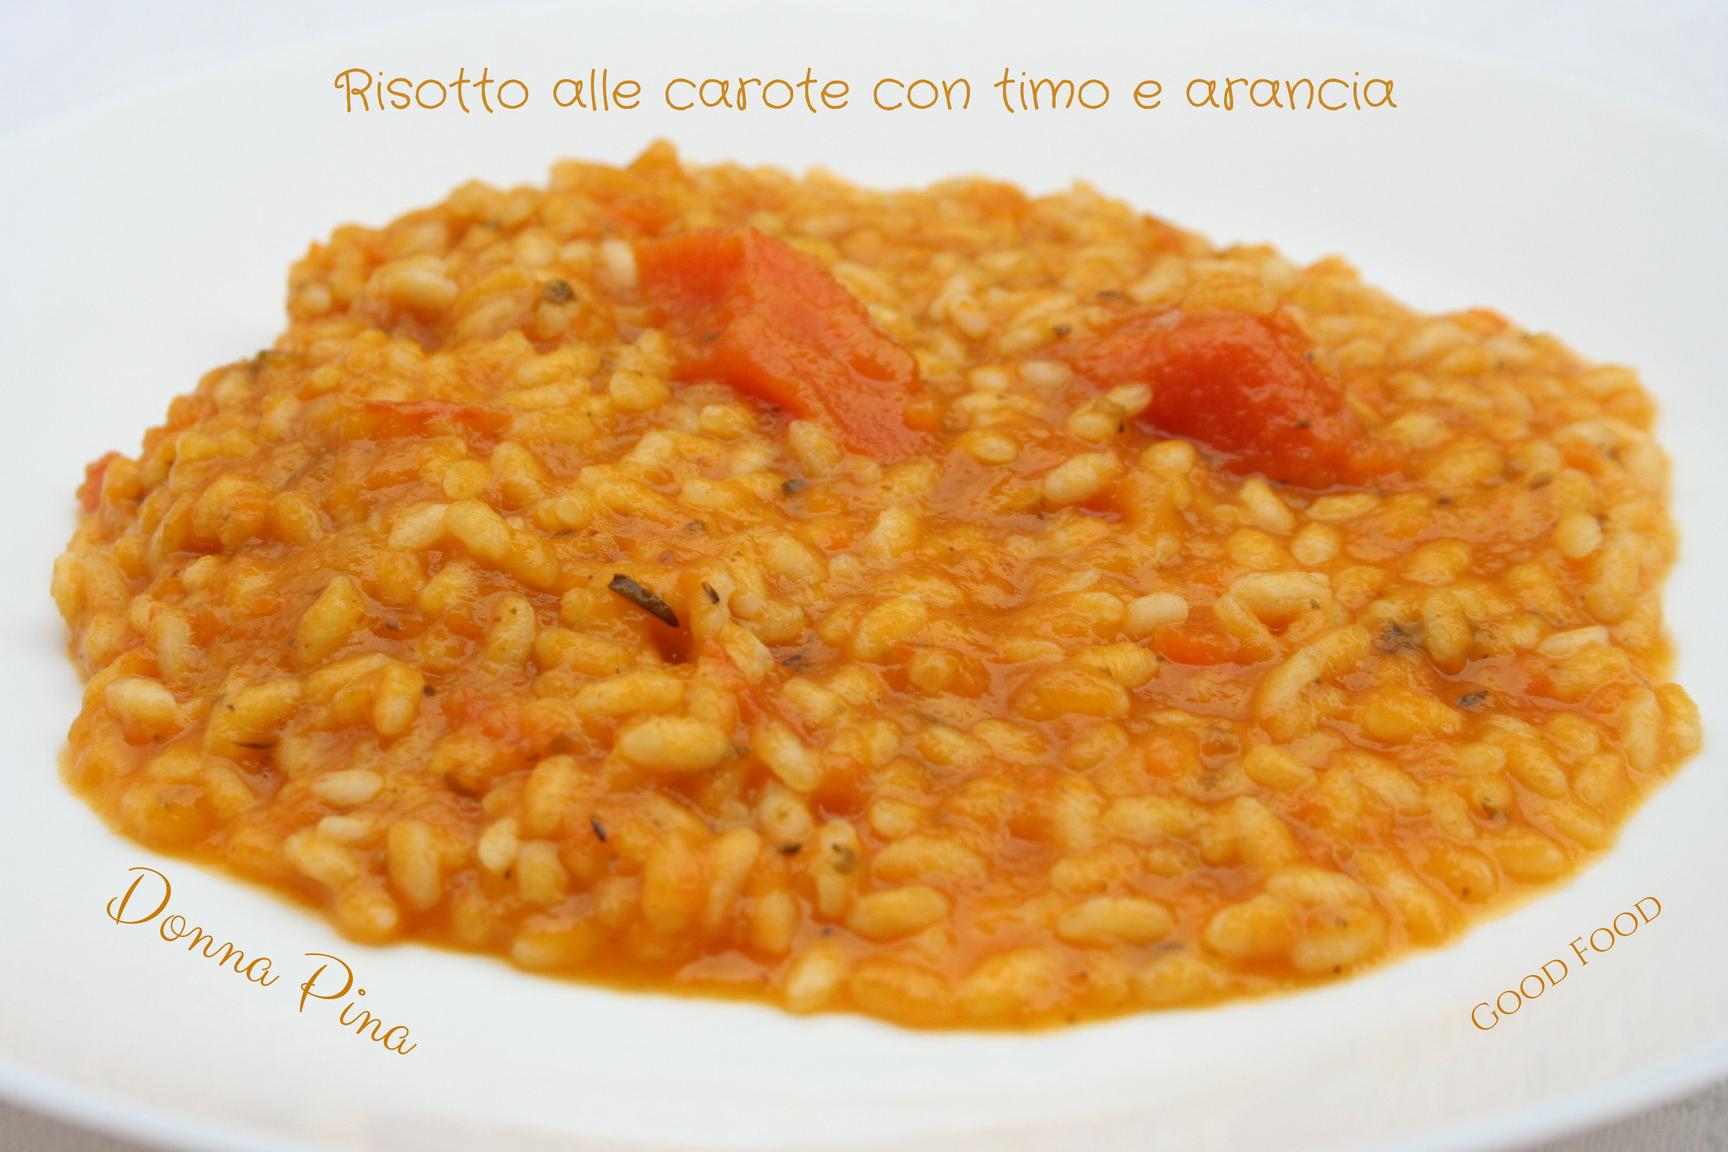 risotto-alle-carote-con-timo-e-arancia